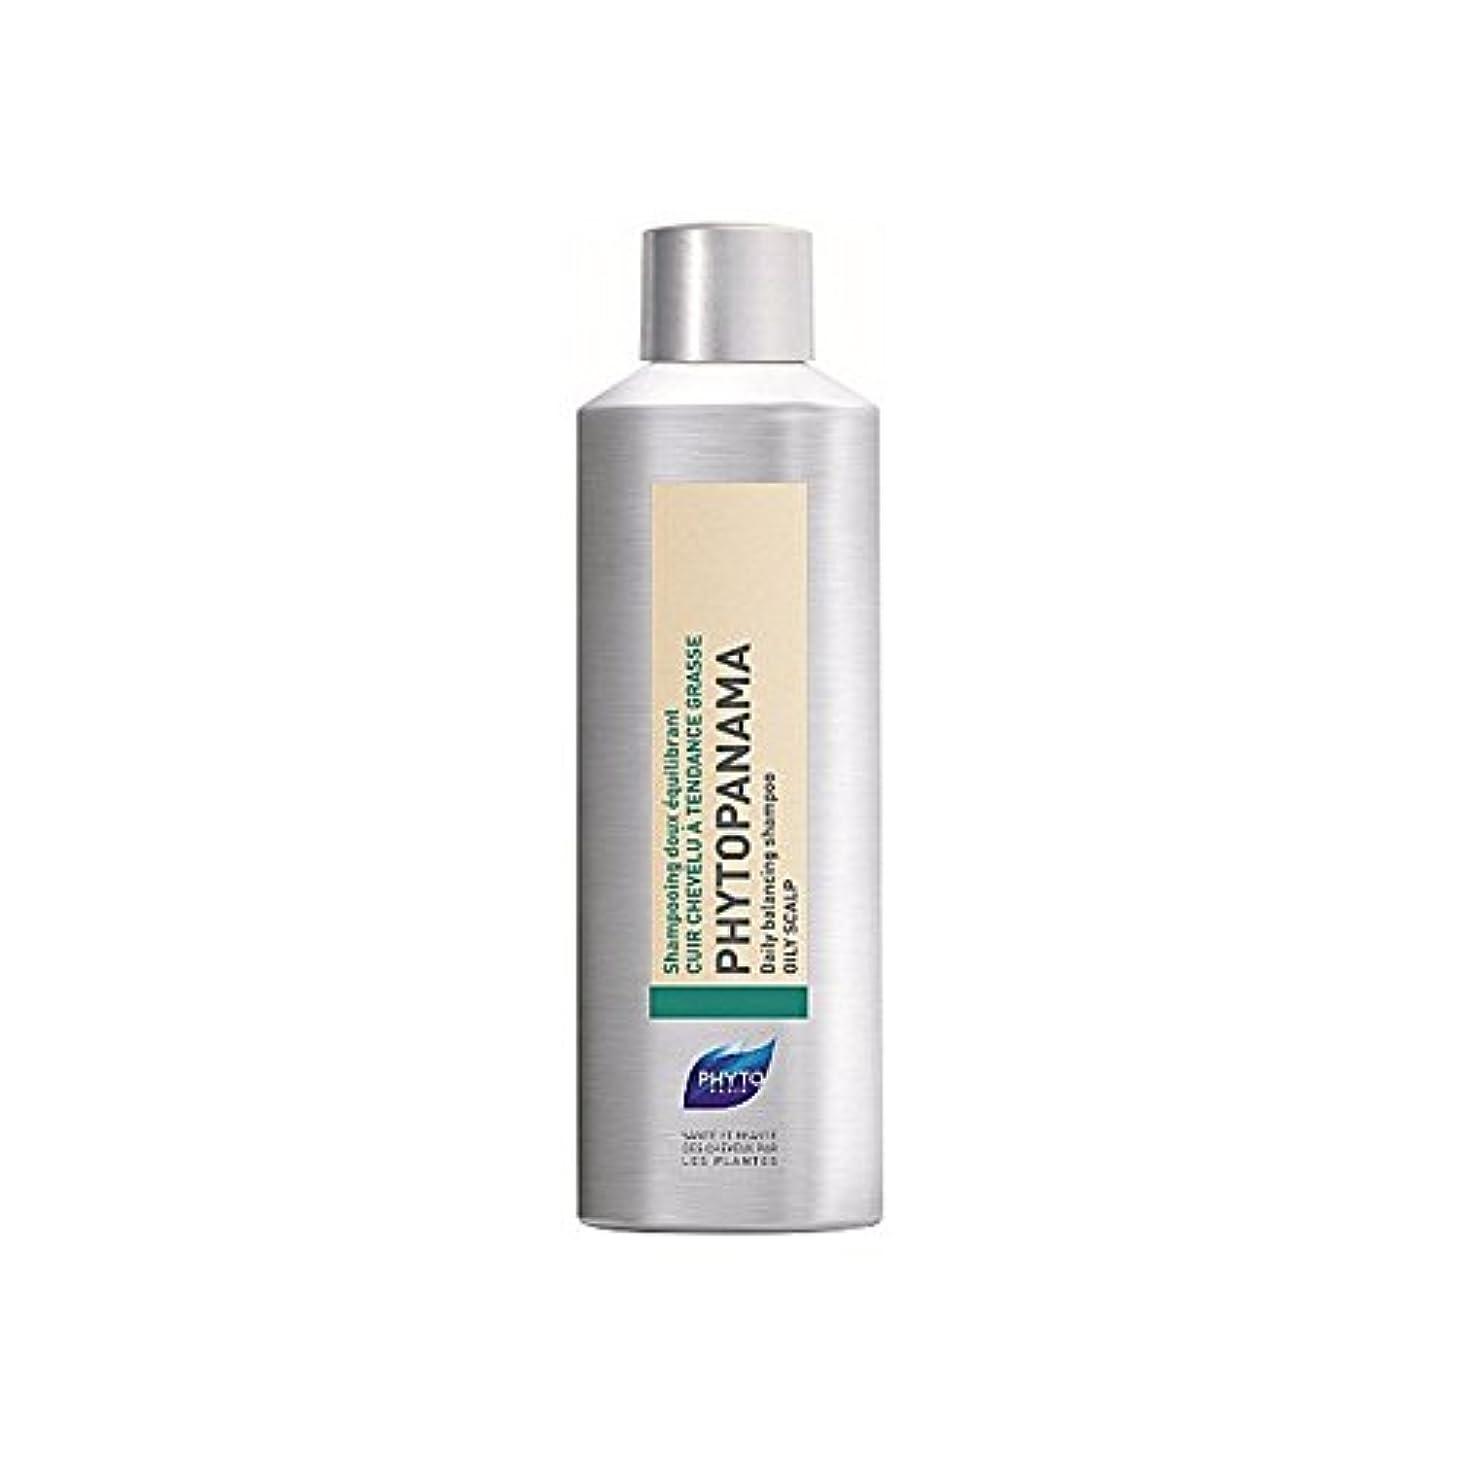 帝国主義幻滅する誰かPhyto Phytopanama Shampoo 200ml - フィトシャンプー200ミリリットル [並行輸入品]